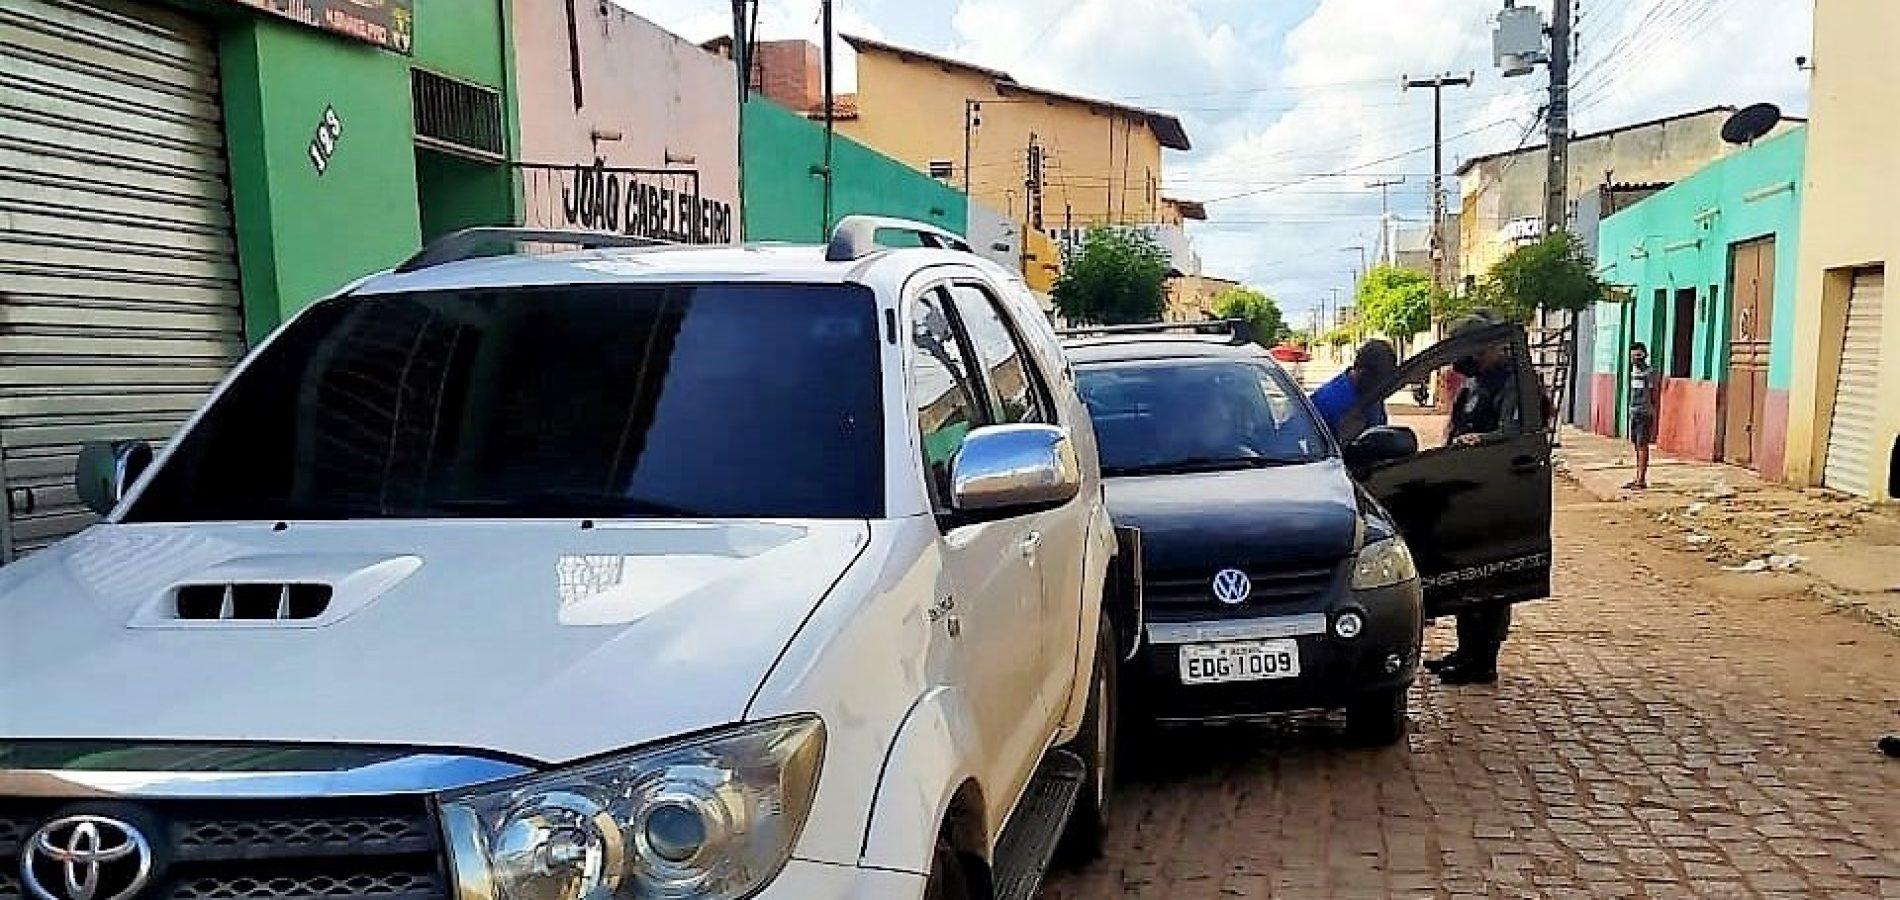 Motorista embriagado é conduzido pela polícia após colidir com veículo em Marcolândia